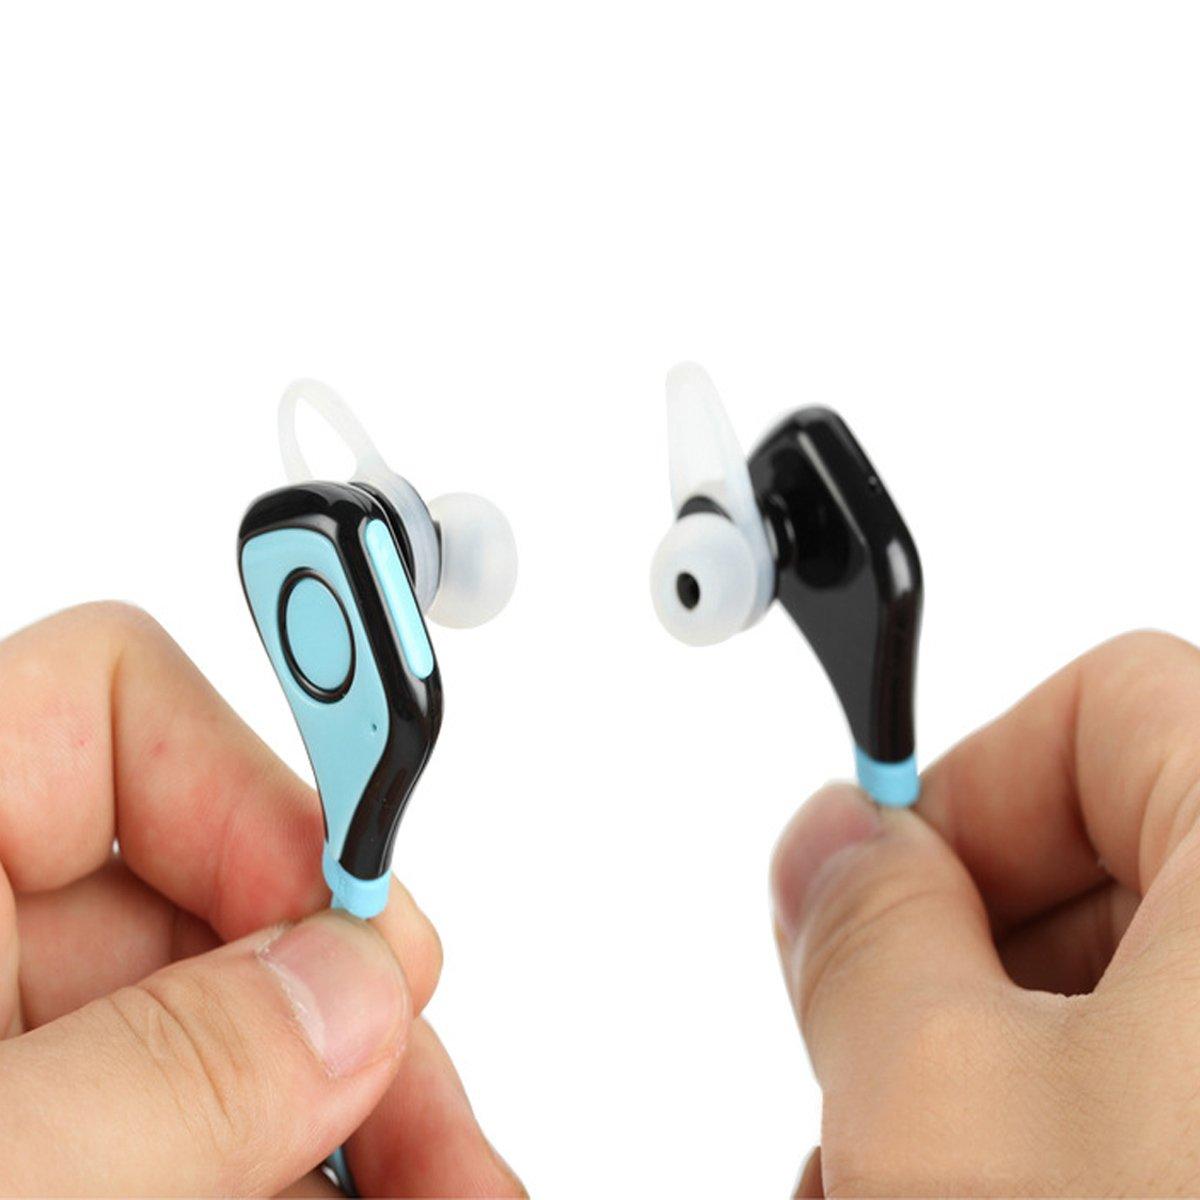 Deportes auriculares Bluetooth, auriculares inalámbricos Kingstar cancelación de ruido auriculares estéreo con micrófono ejecutandose: Amazon.es: ...